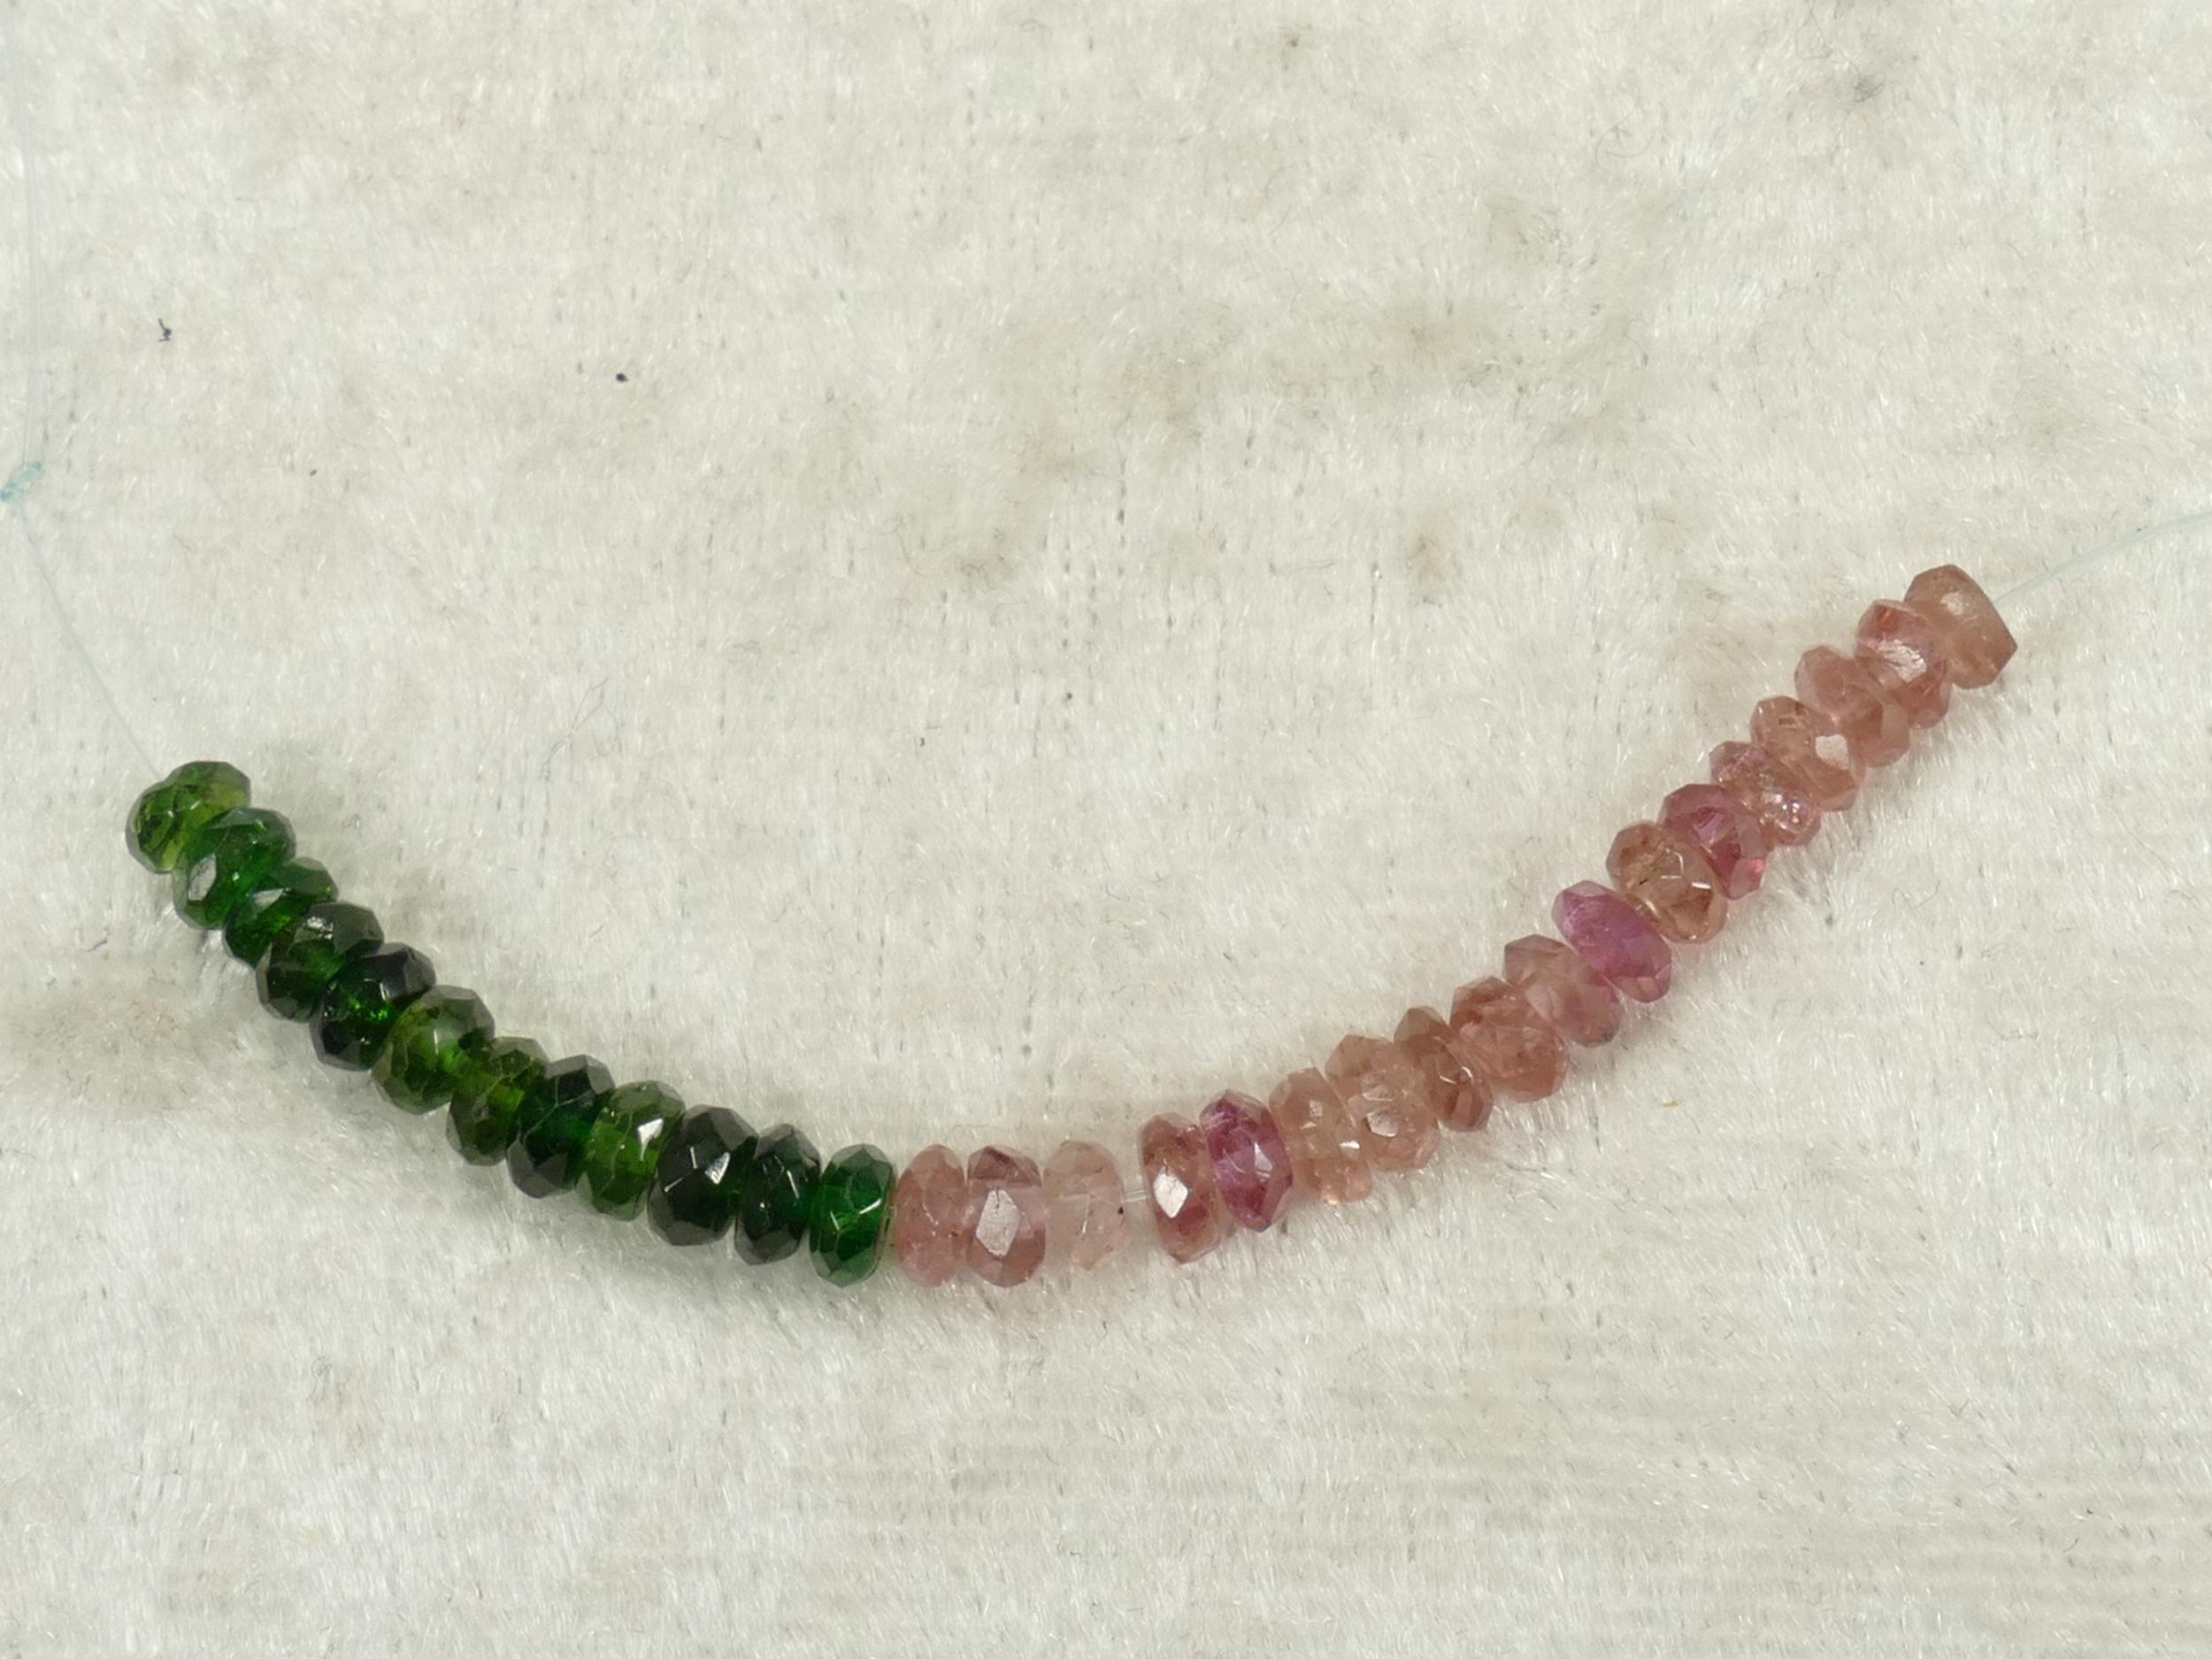 4.1/3.6mm Perles de Tourmaline naturelle mix Verdelite et Rubellite verte rose en rondelle facettée (#PK942)